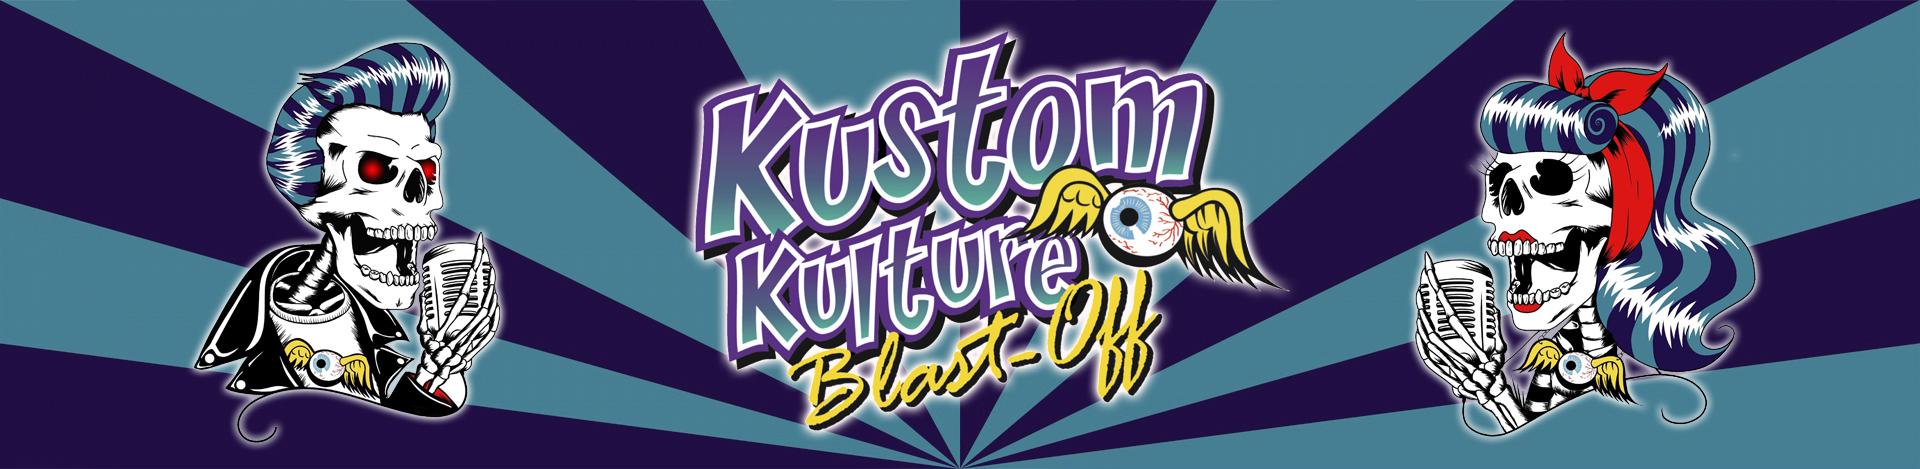 Kustom Kulture header banner